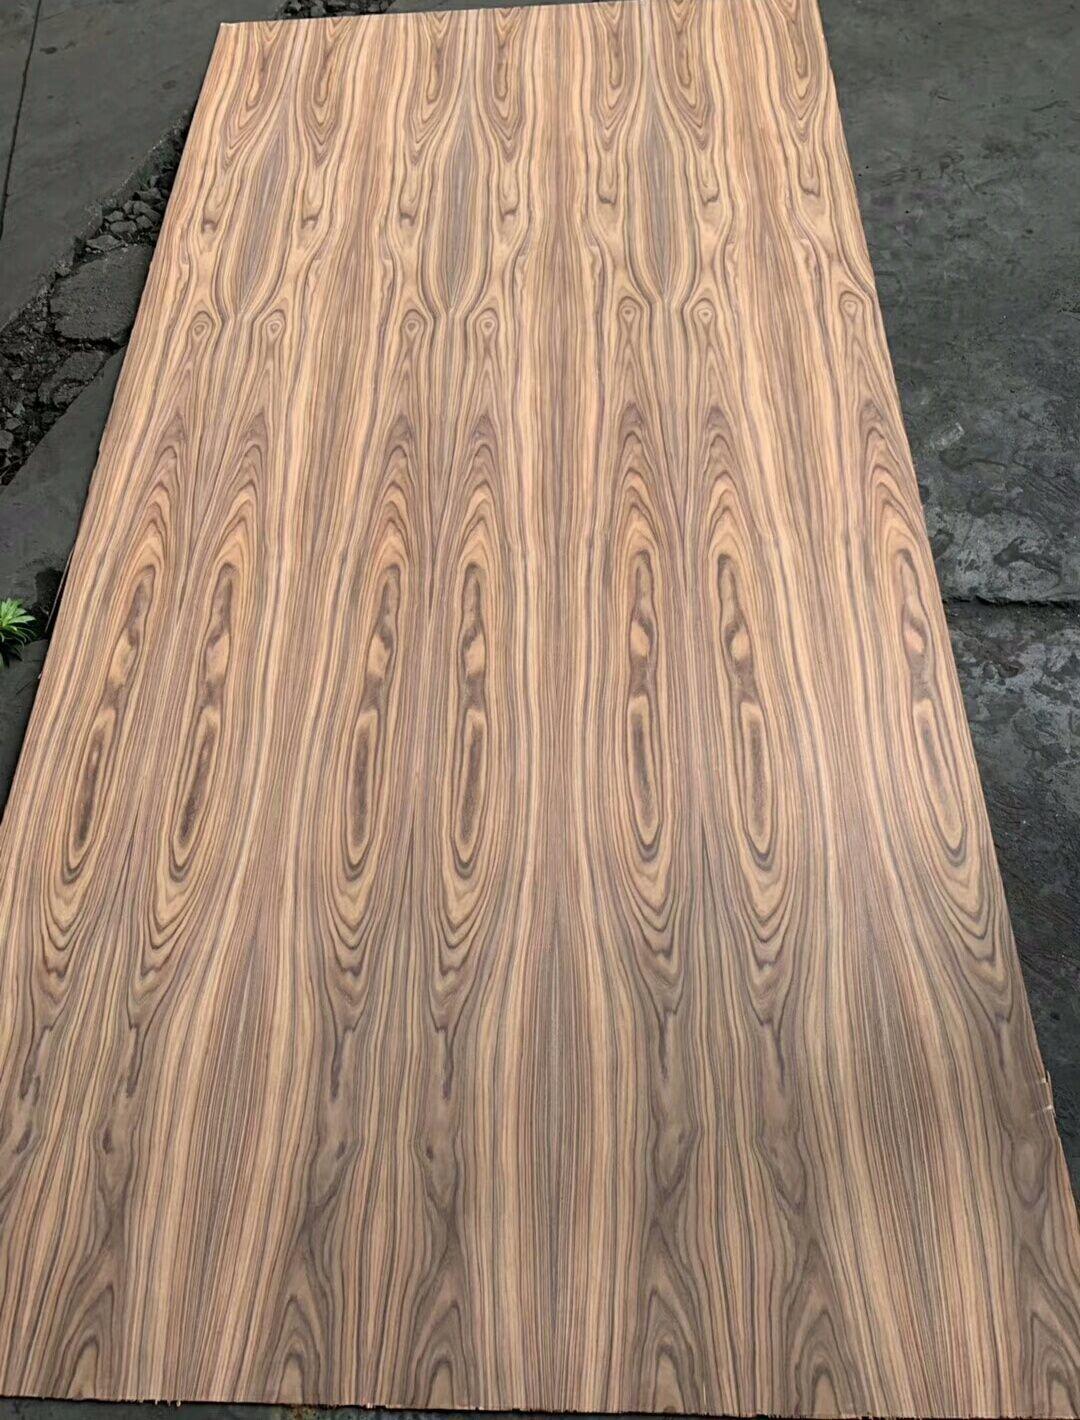 Santos Rosewood Veneer Plywood Wood Veneer Red Oak Wood White Oak Wood